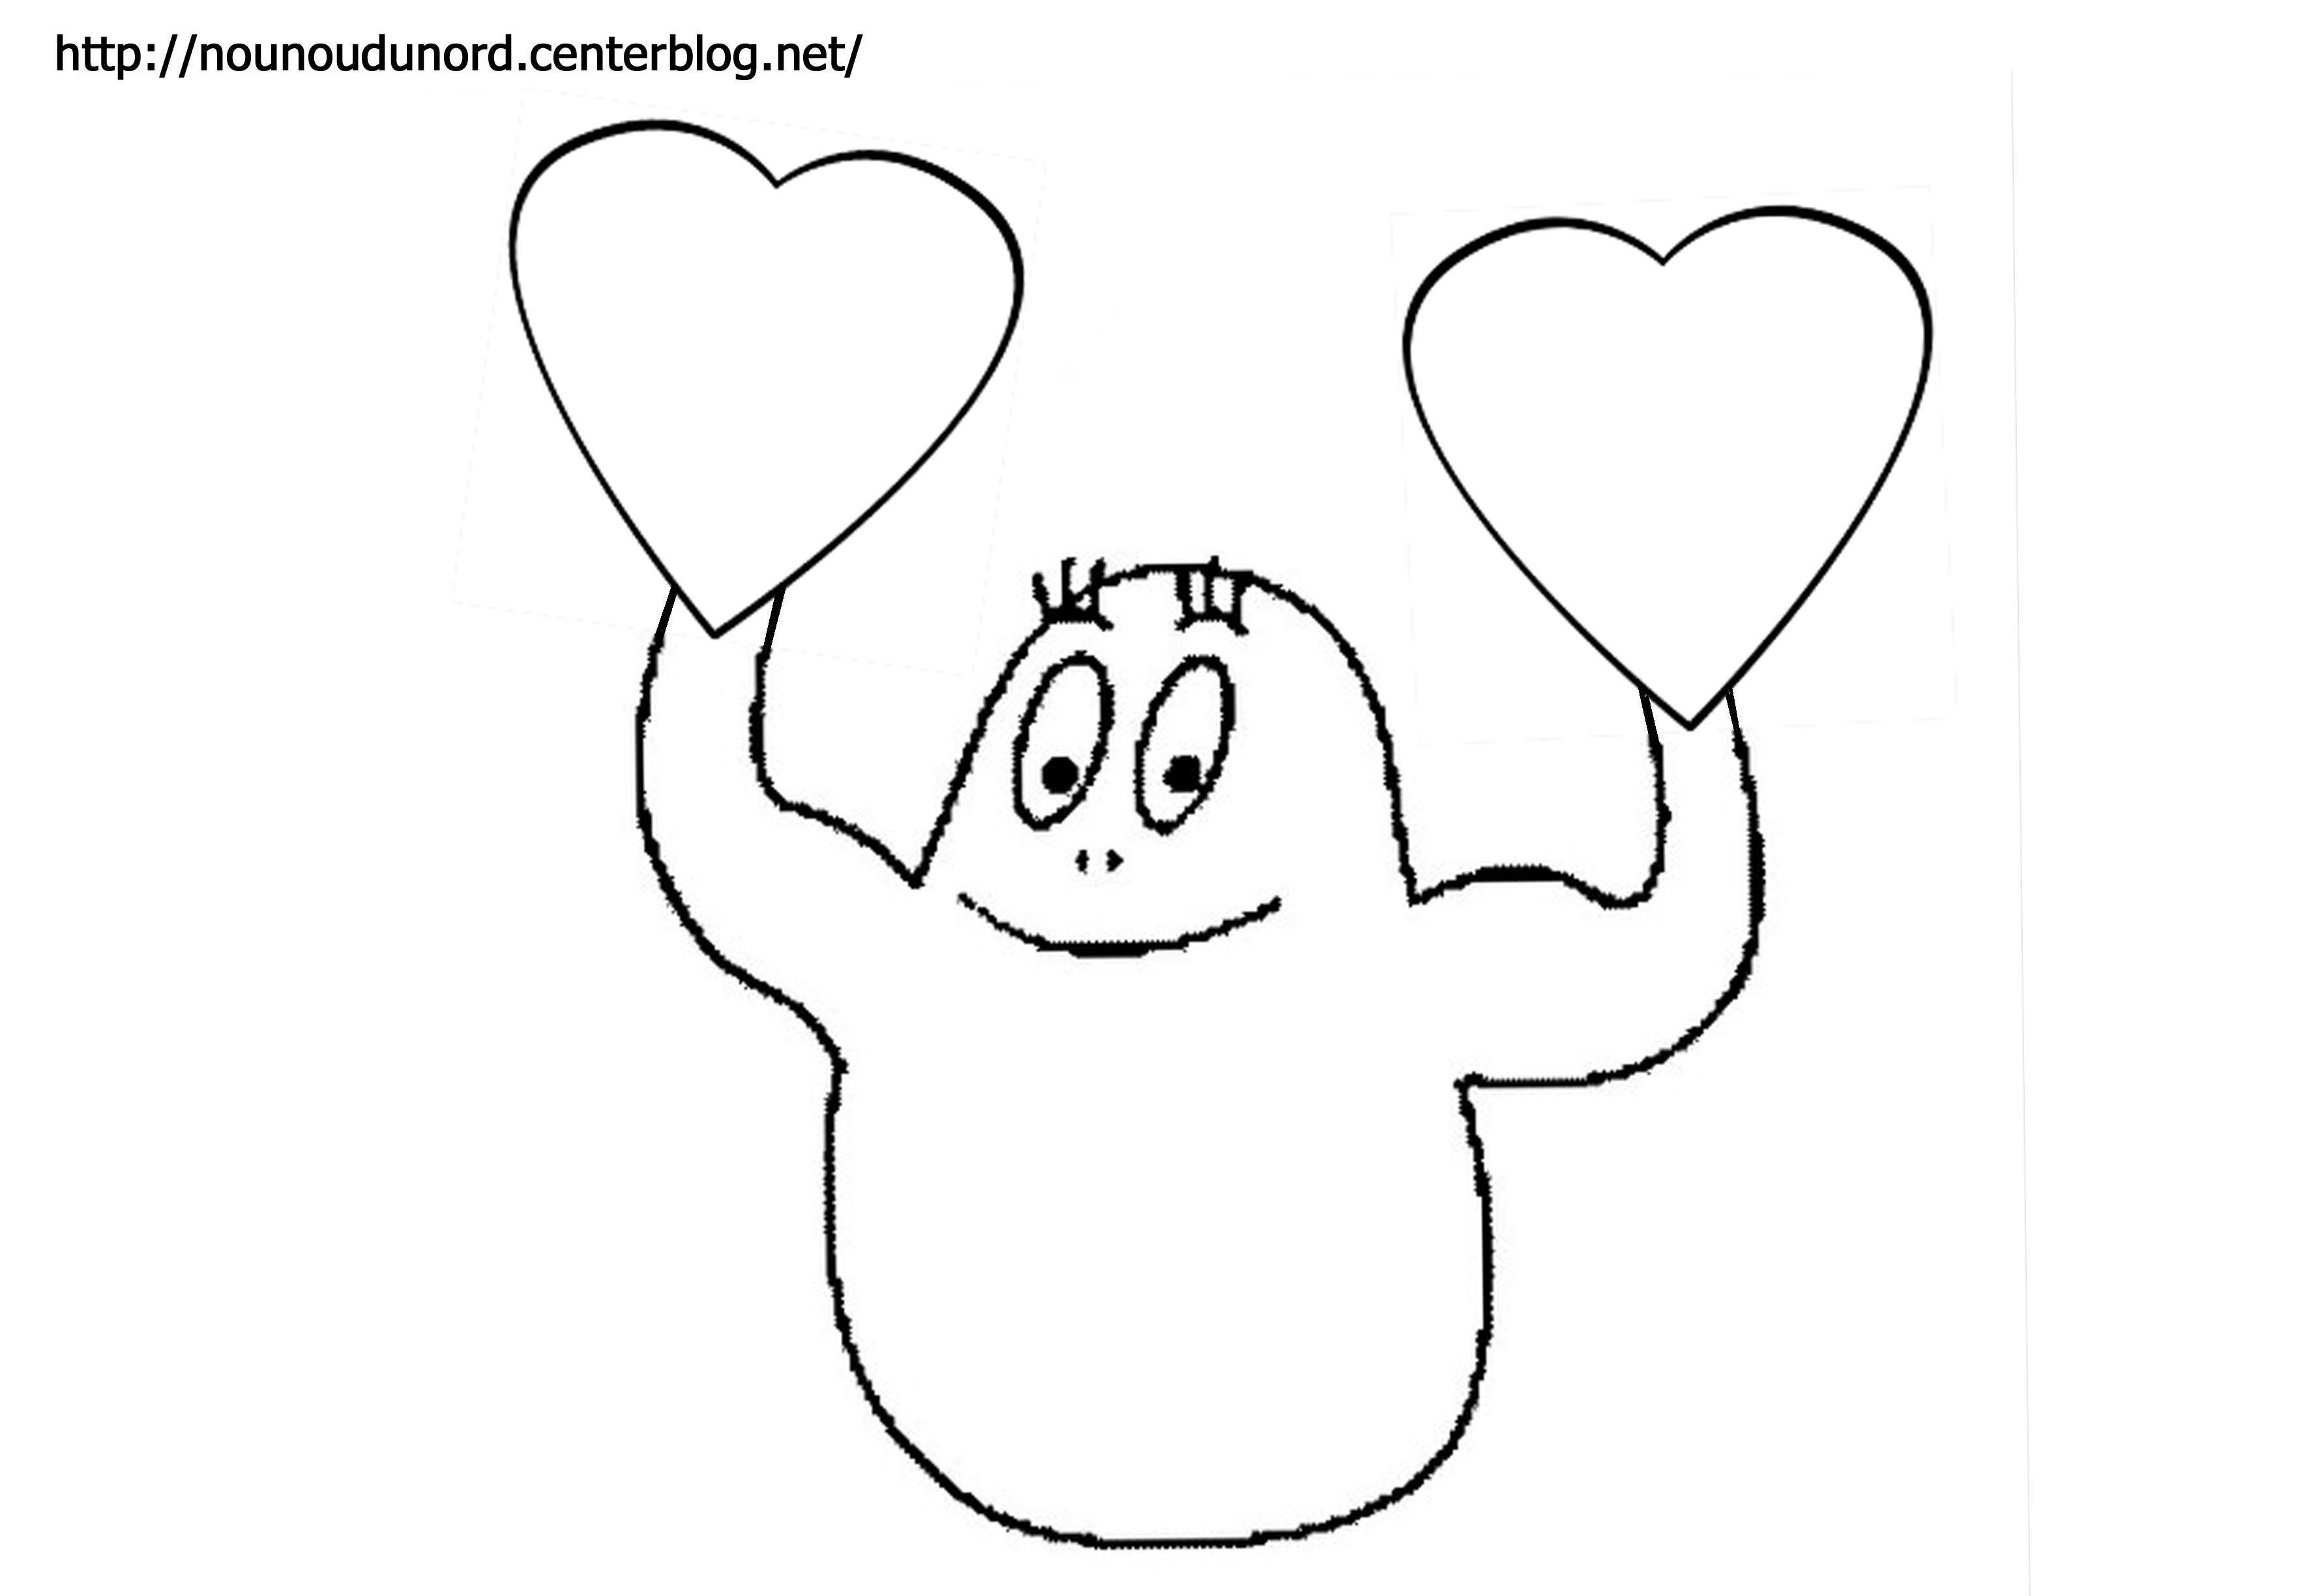 Coloriage coeur barbapapa dessin par nounoudunord - Barbapapa dessin ...